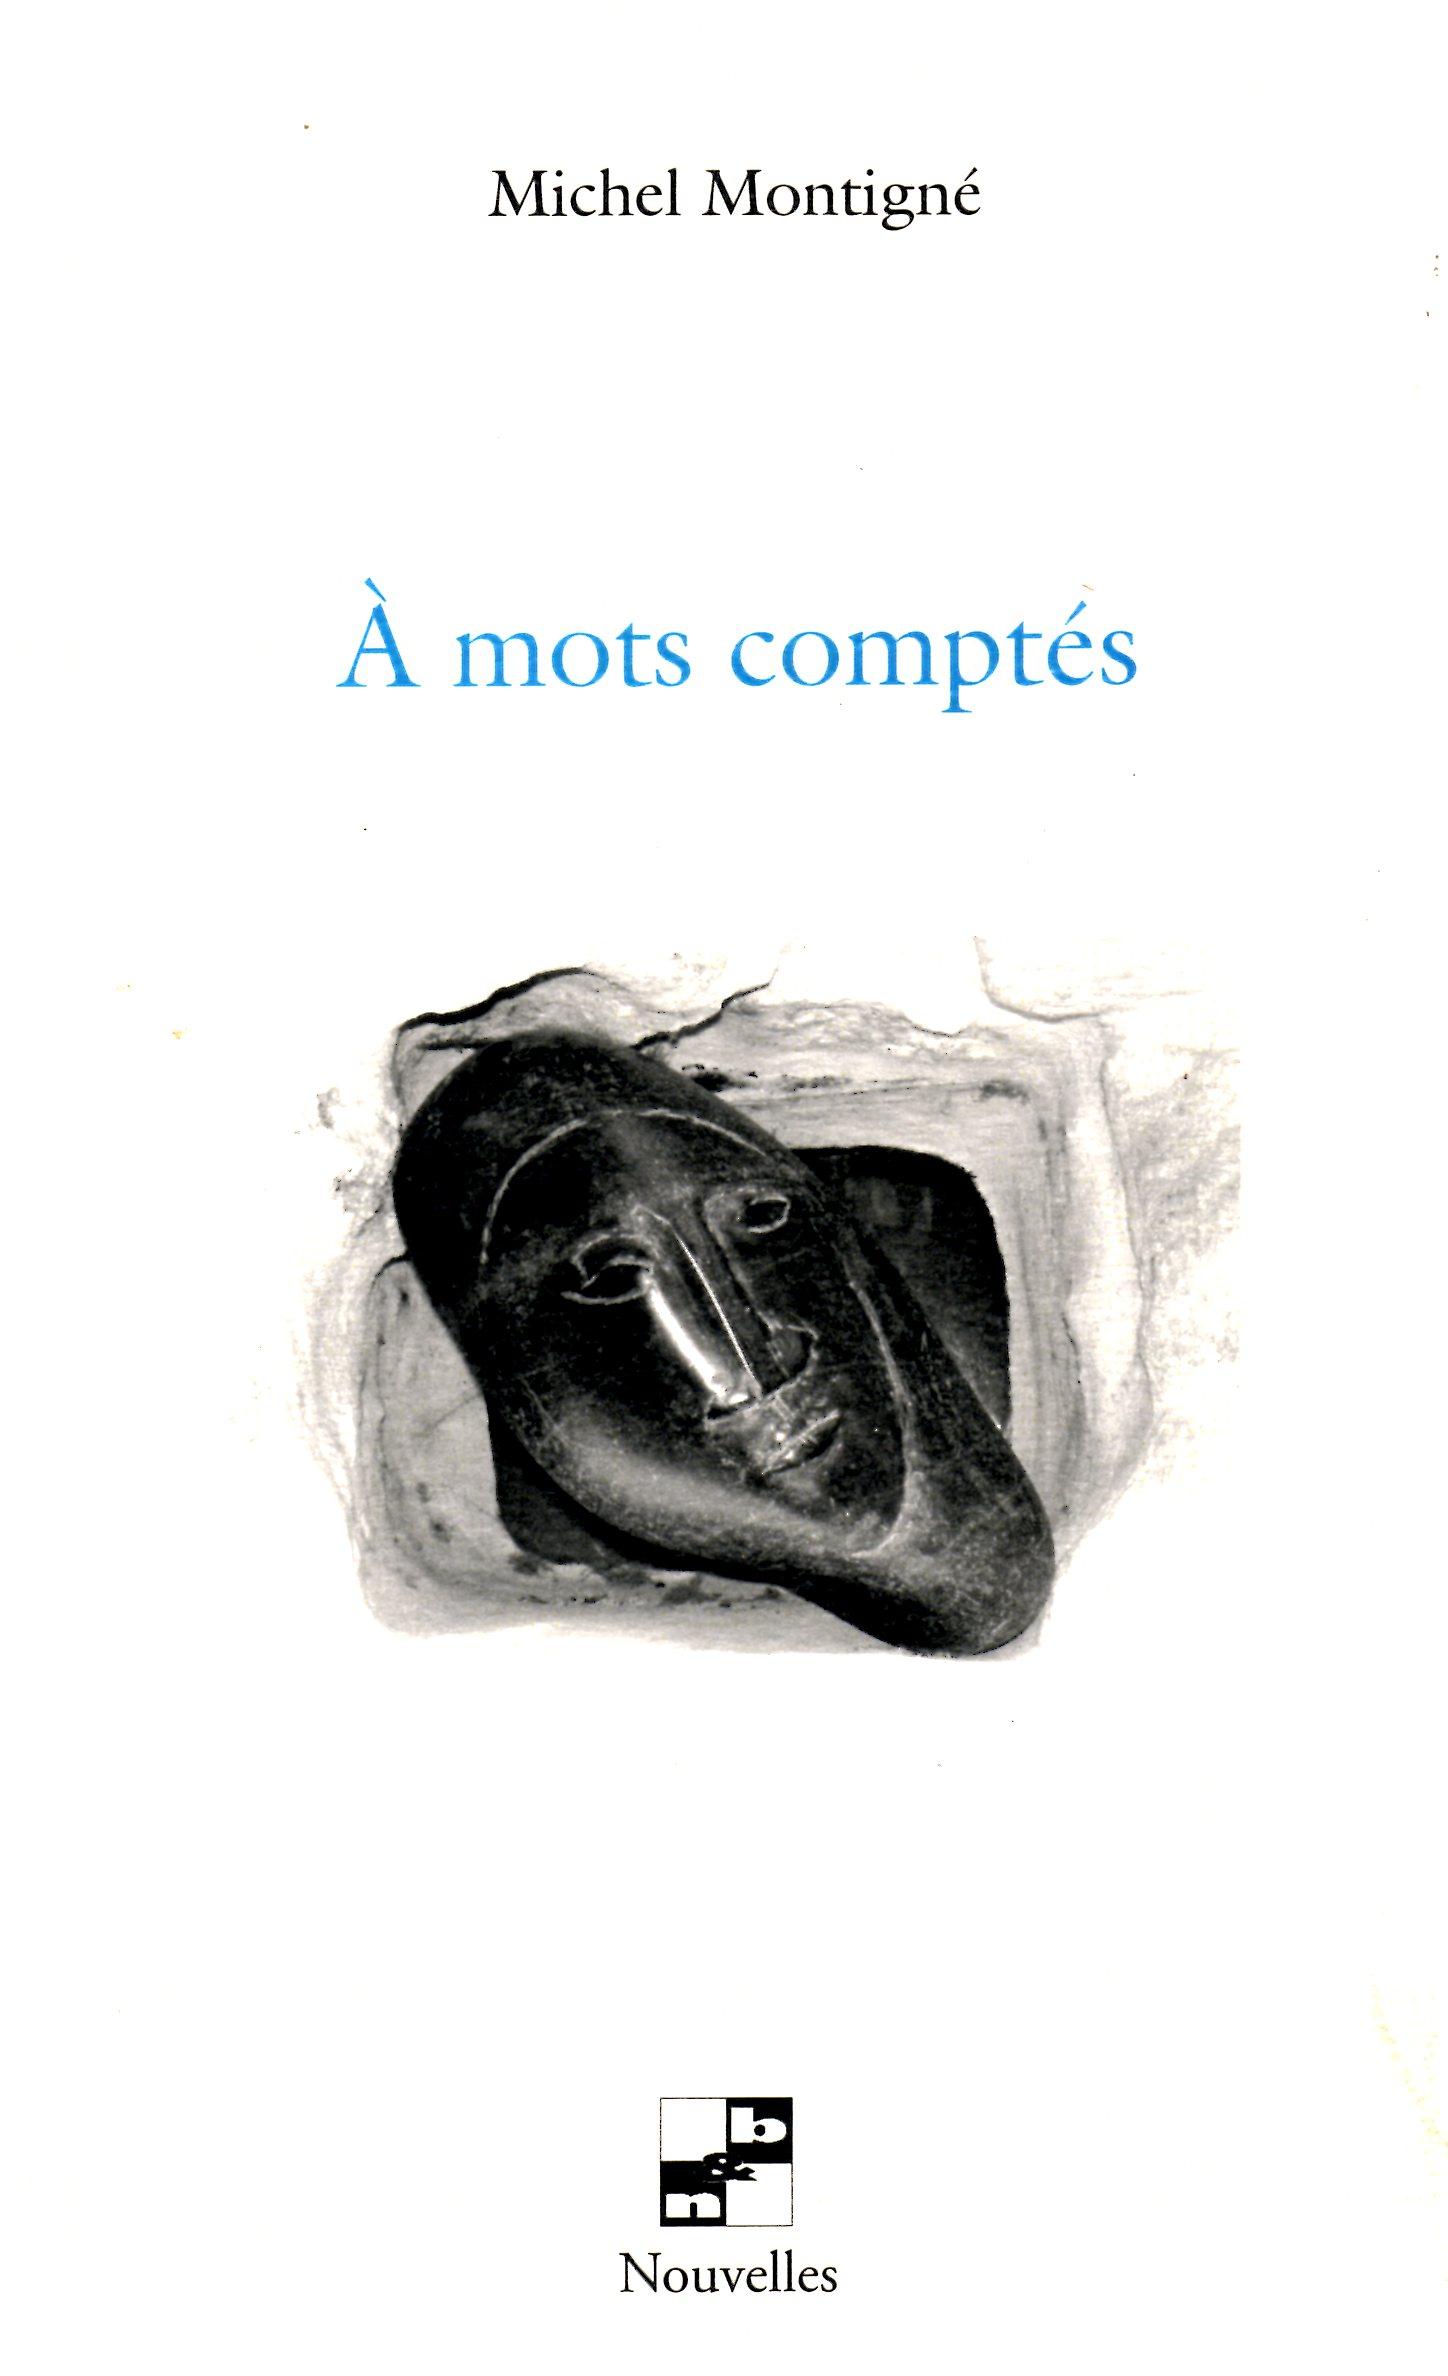 amotscomptés005